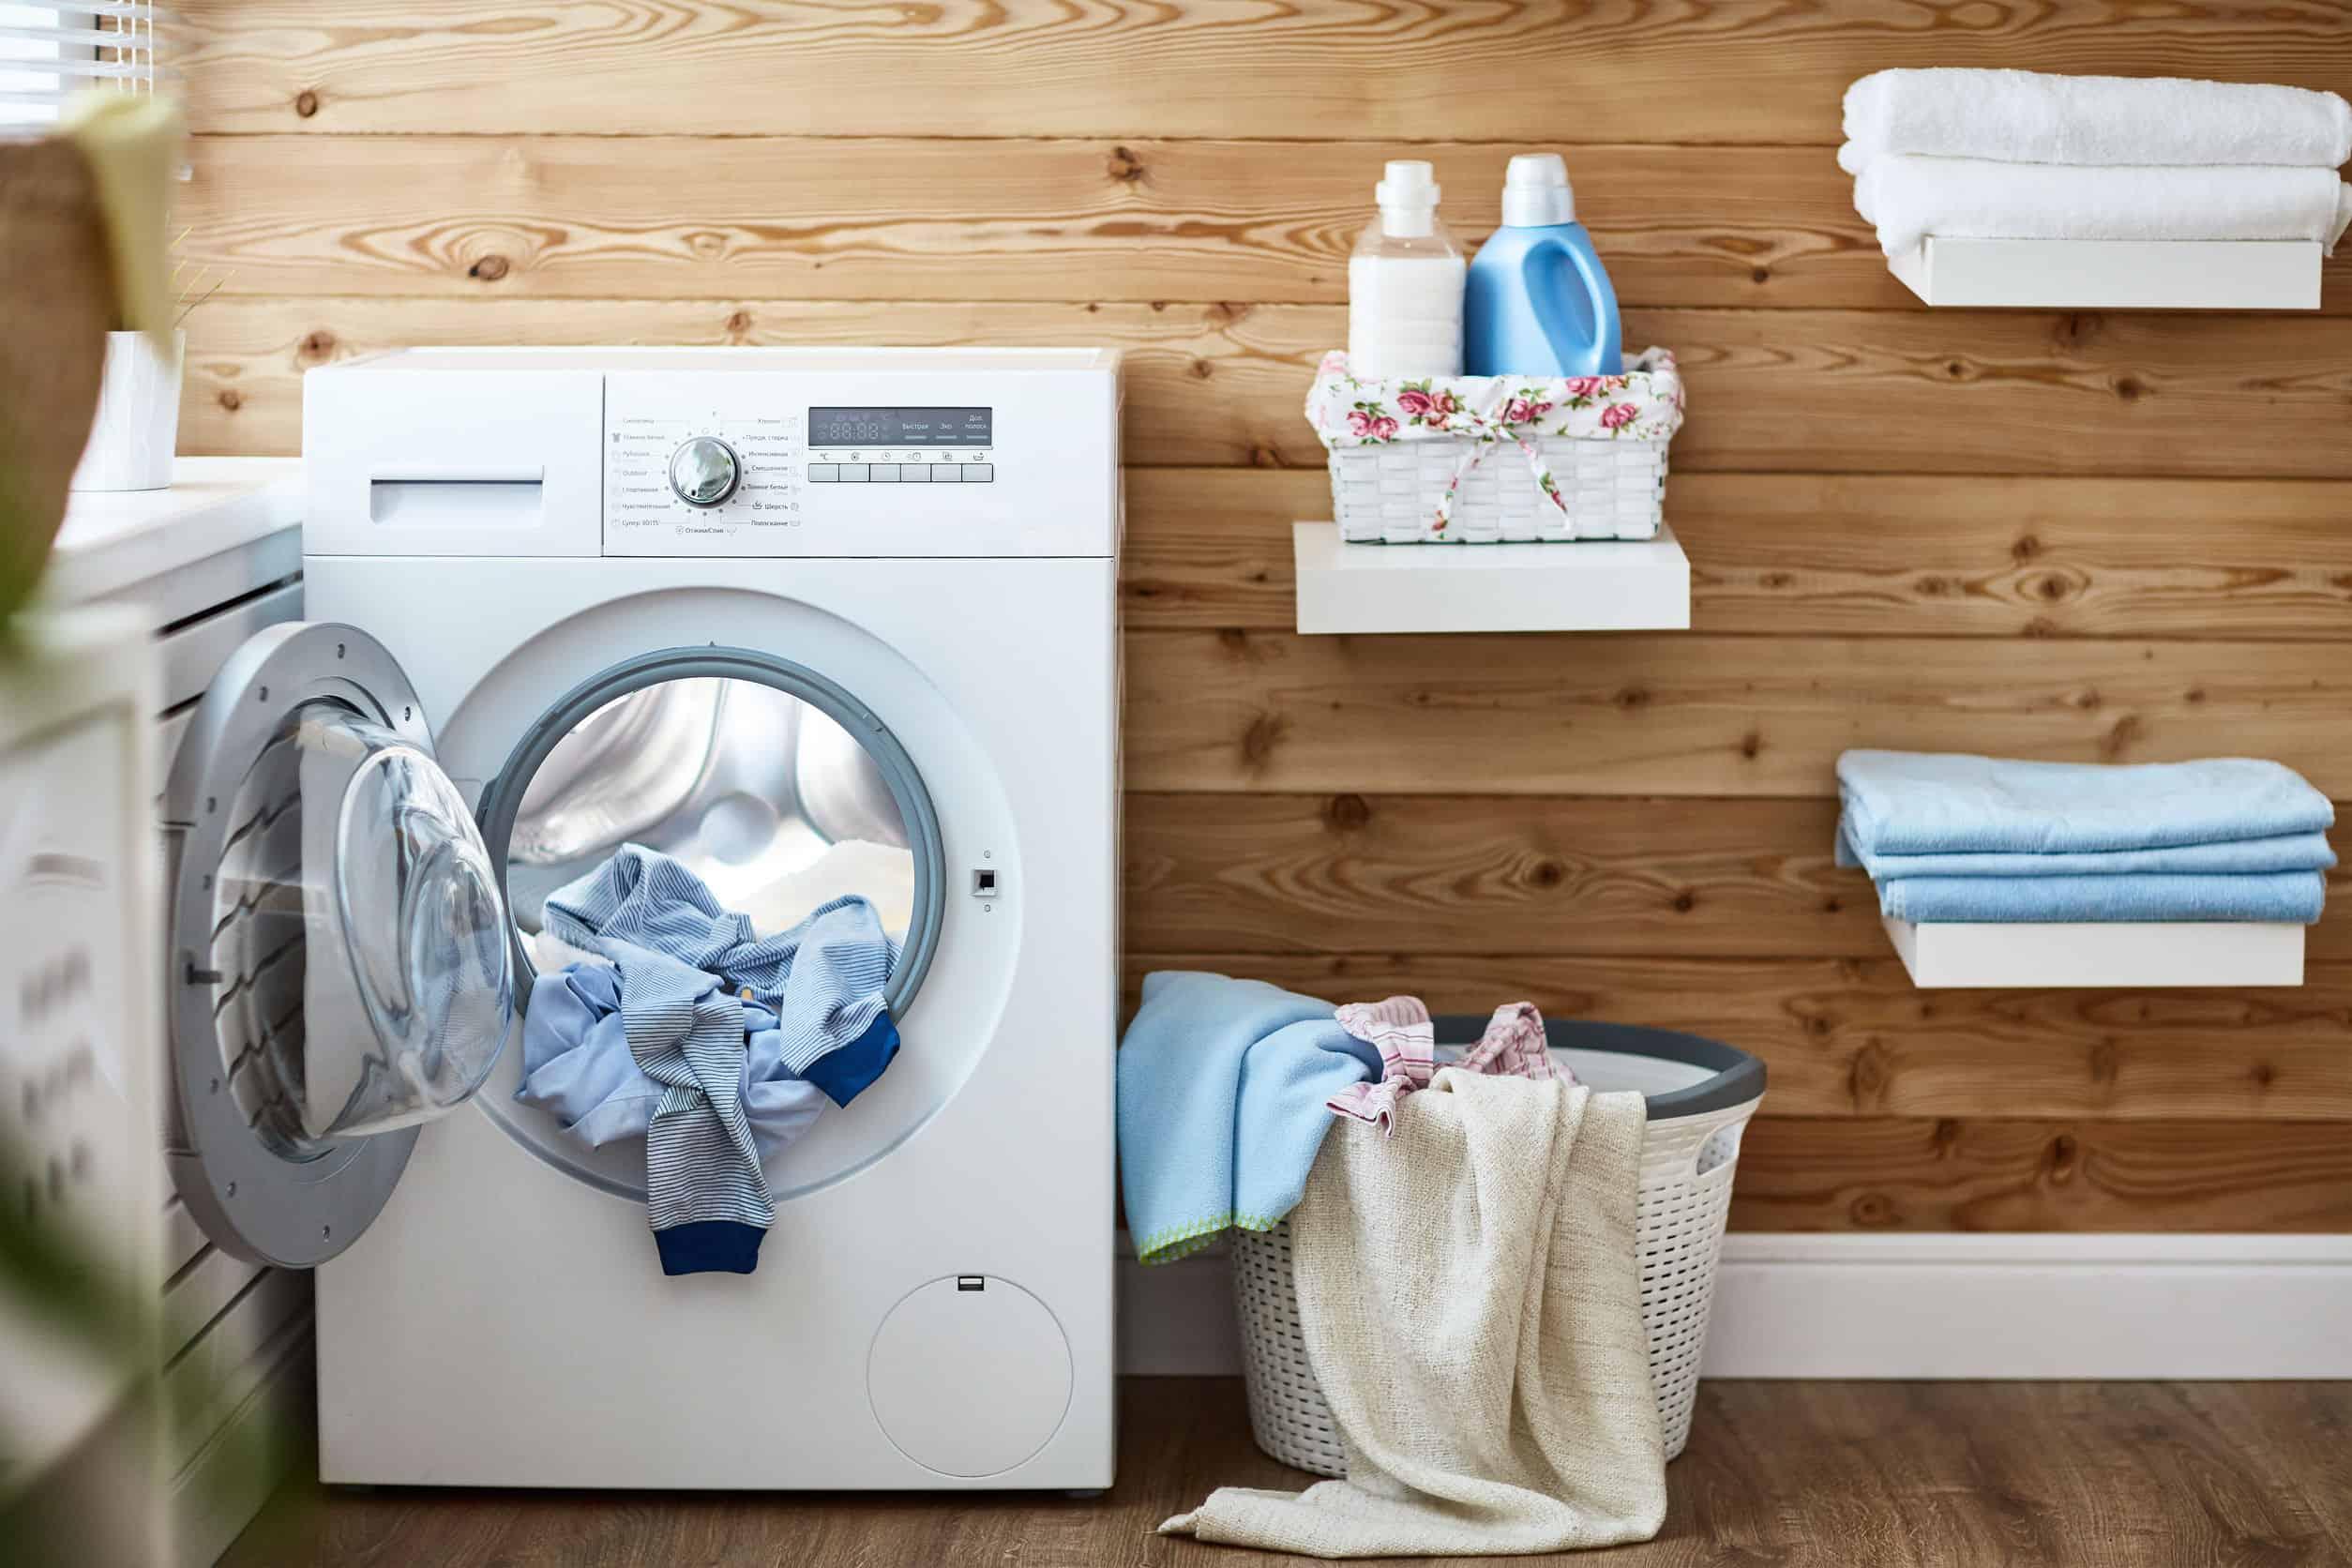 qual a melhor maquina de lavar roupas brastemp ou electrolux